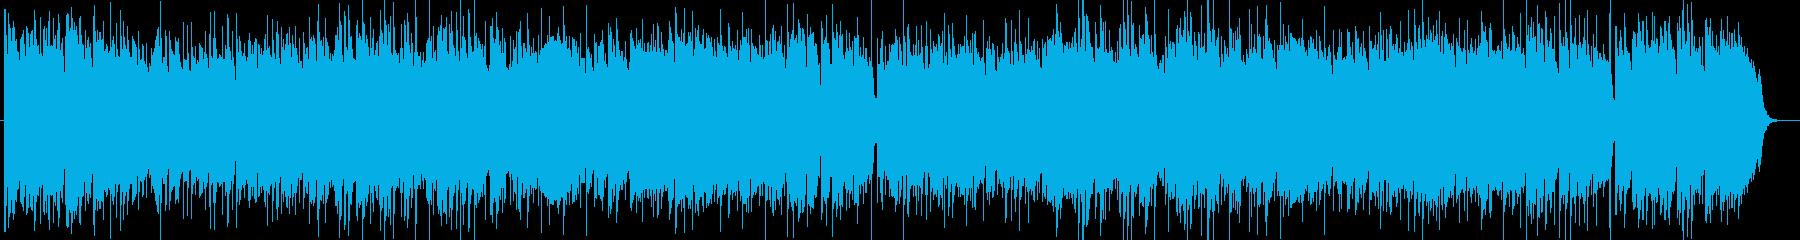 広がりのあるフレッシュなポップの再生済みの波形